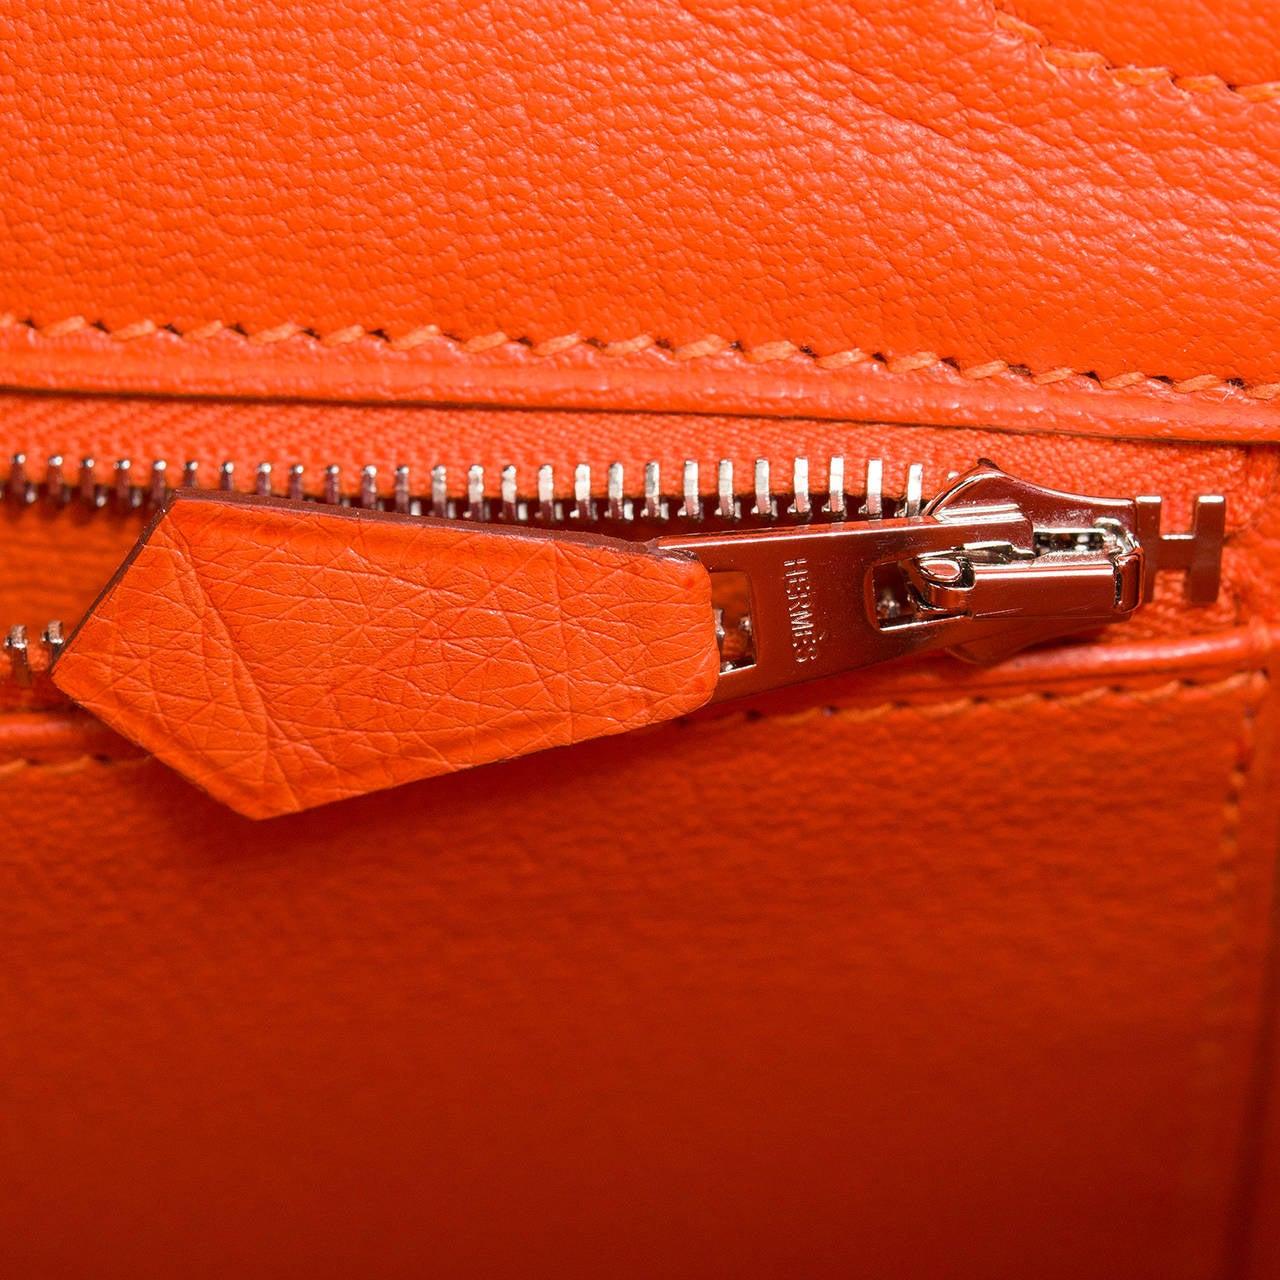 Hermes Tangerine Ostrich Birkin 30cm For Sale 3